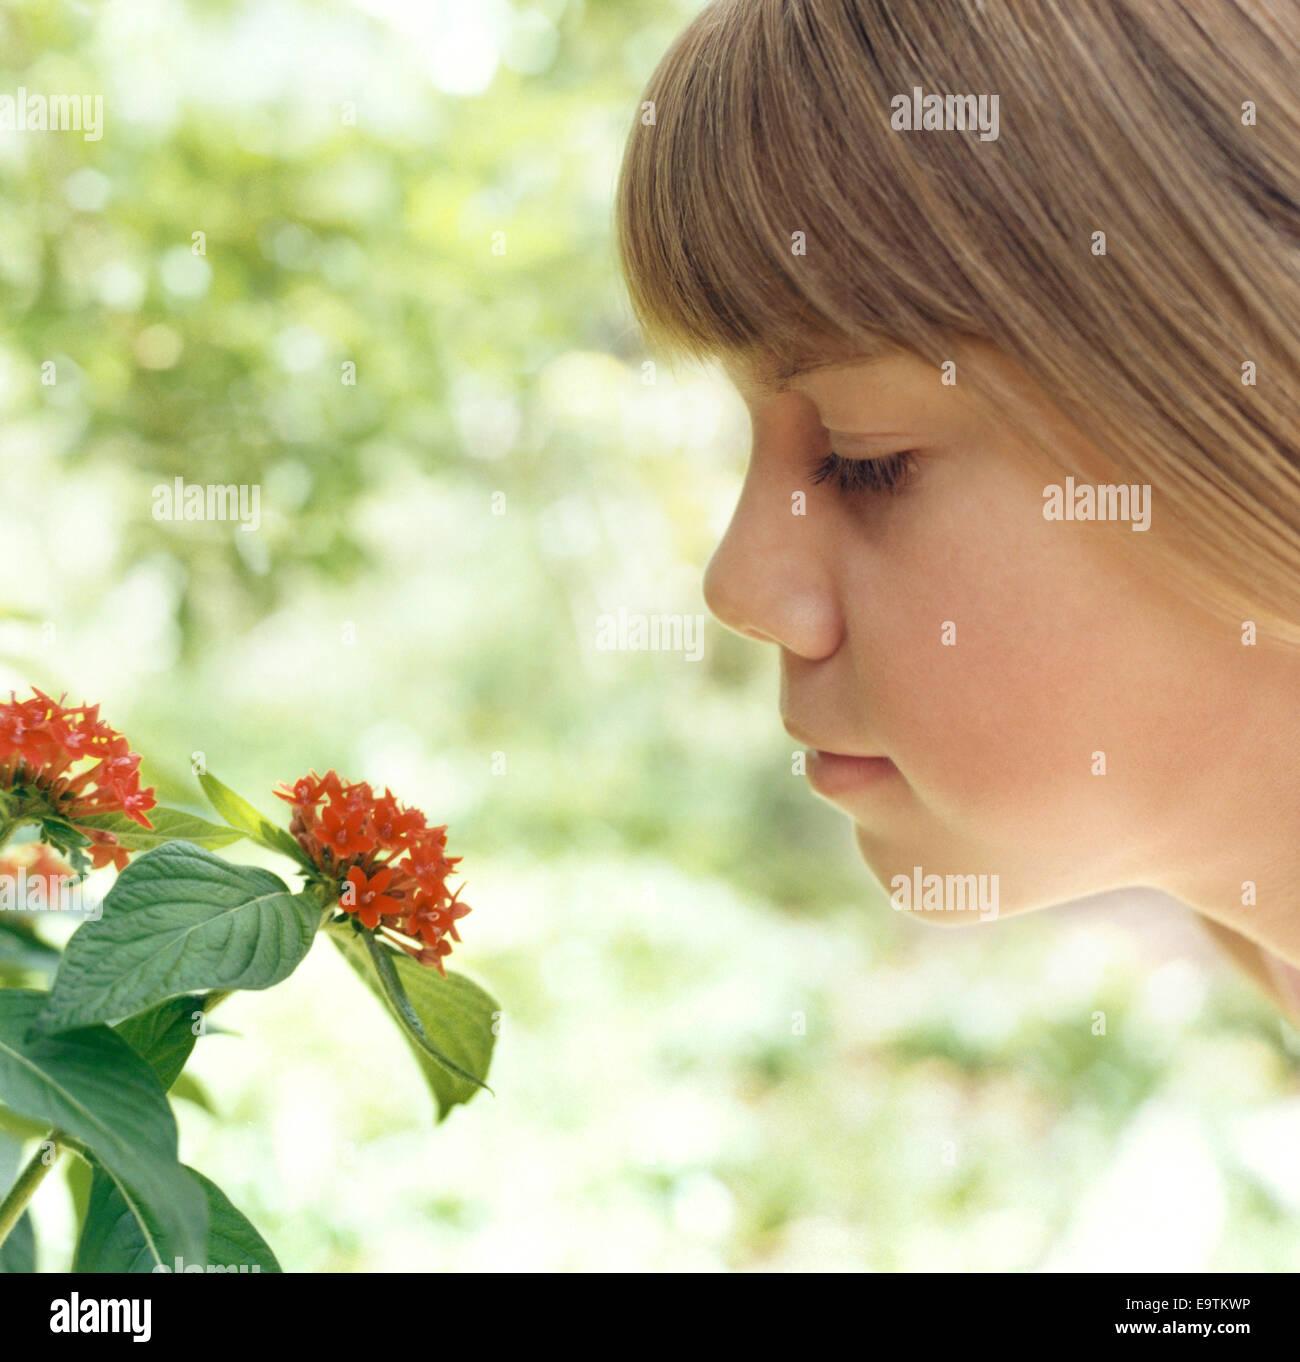 Girl Smelling Flower - Stock Image